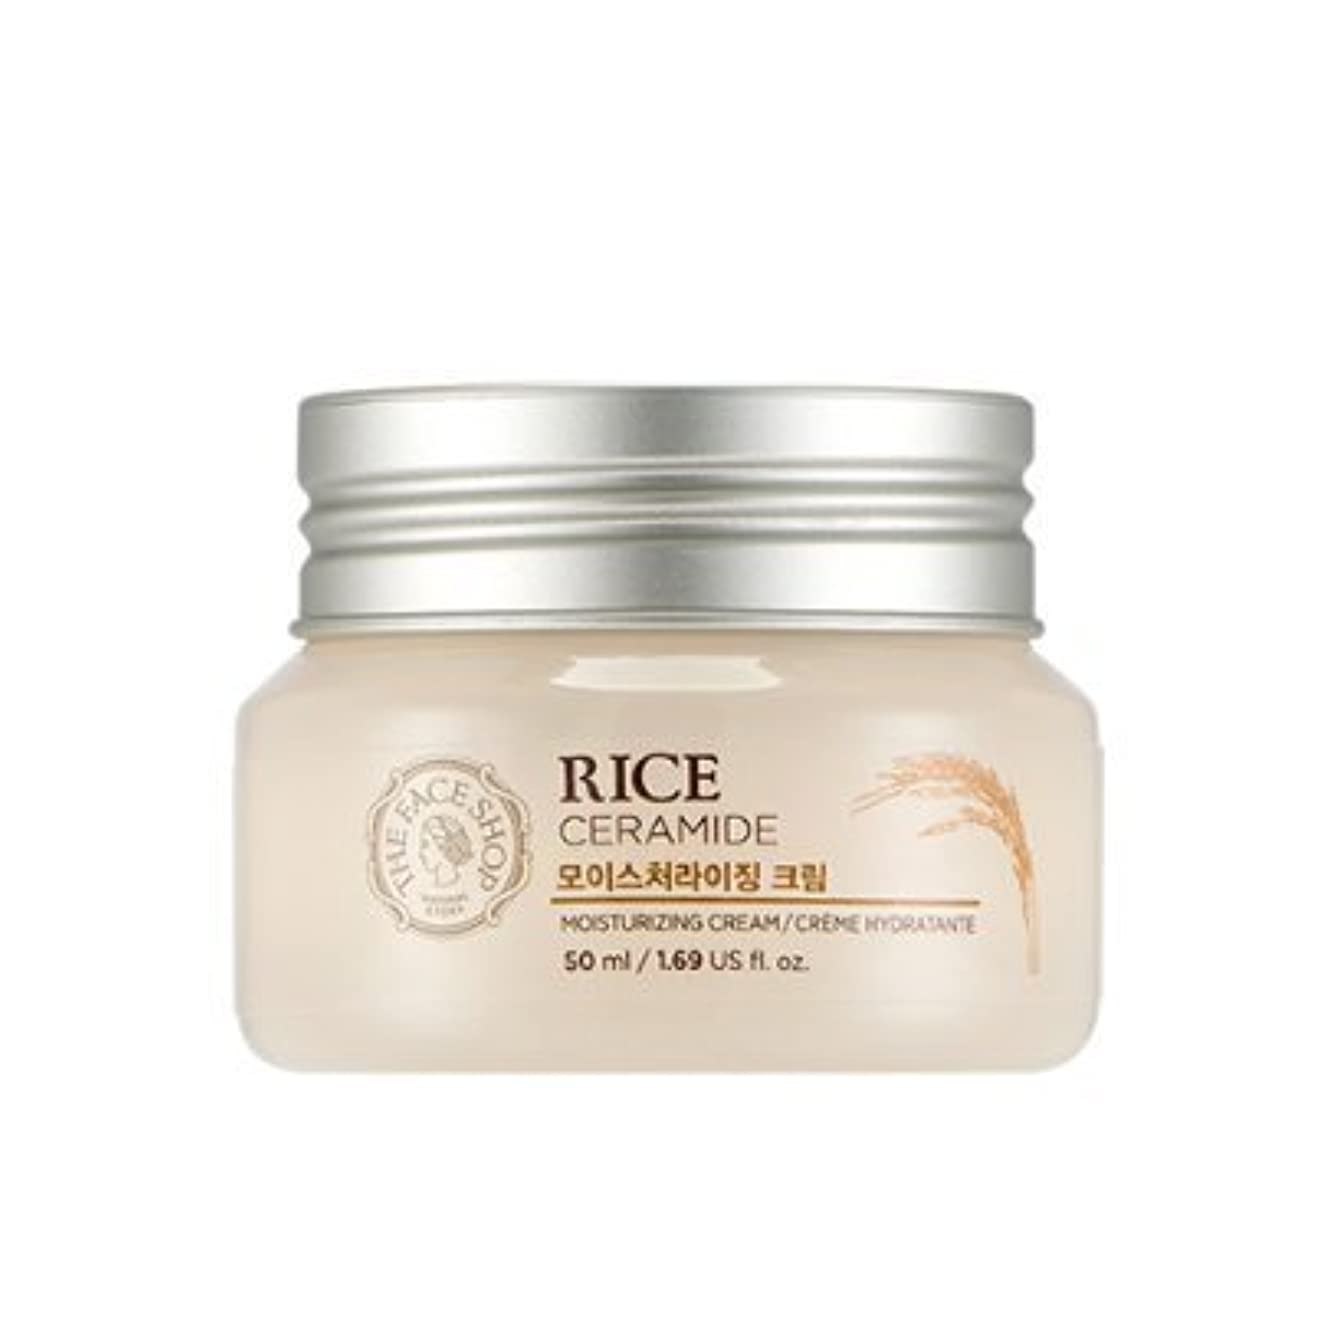 レジデンス種壊れたTHE FACE SHOP Rice & Ceramide Moisturizing Cream ザフェイスショップ ライス&セラミドモイスチャーライジングクリーム [並行輸入品]